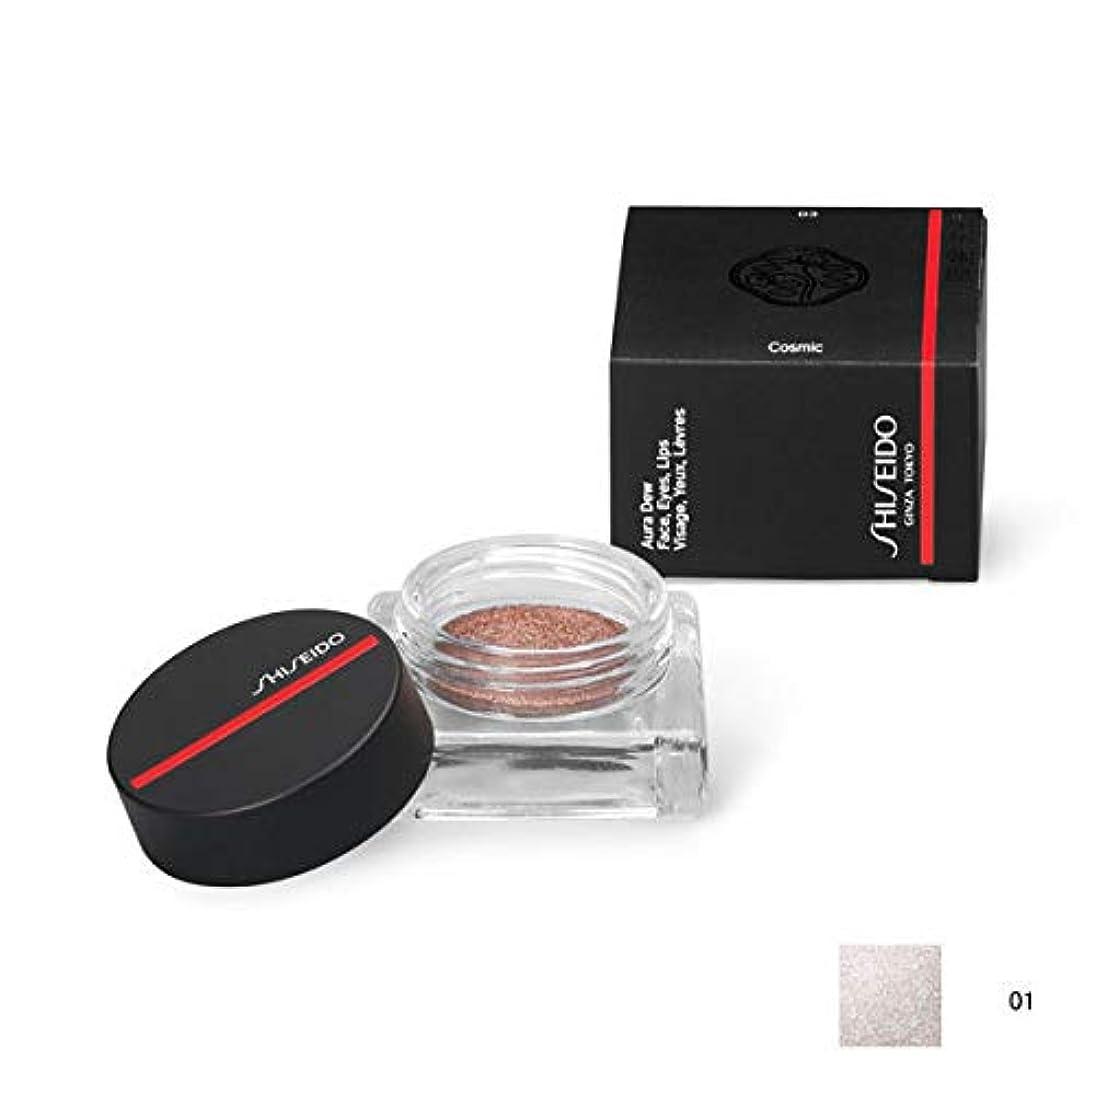 アンカー複雑な博覧会SHISEIDO Makeup(資生堂 メーキャップ) SHISEIDO(資生堂) SHISEIDO オーラデュウ プリズム 4.8g (01)